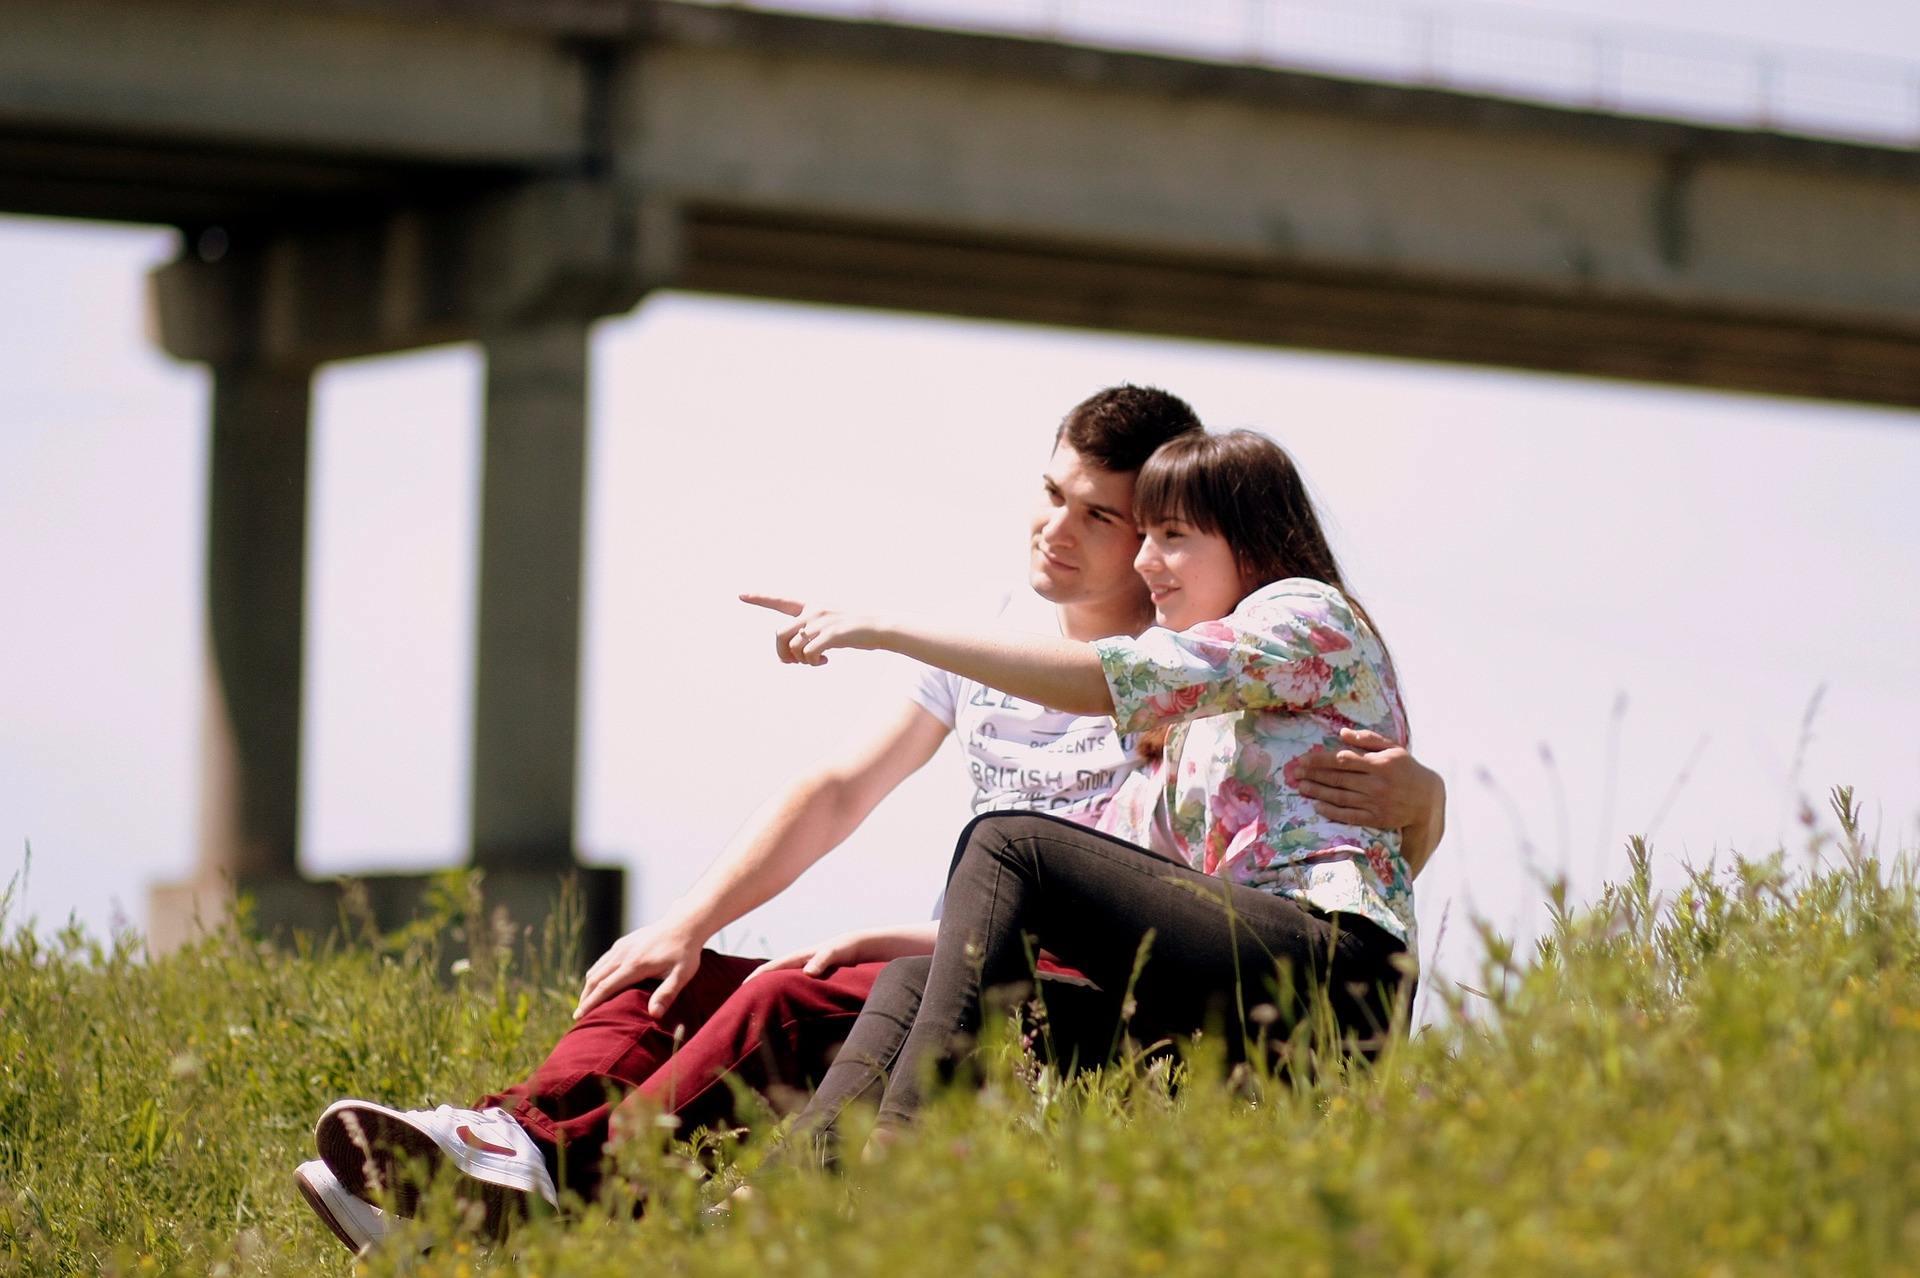 但是今天,我卻在IG上看到你和另一個女生摟著肩的自拍,那畫面看起來好自然、好親密,也慘忍地刺眼。頓時,我懂了,其實我對你甚麼都不是......。